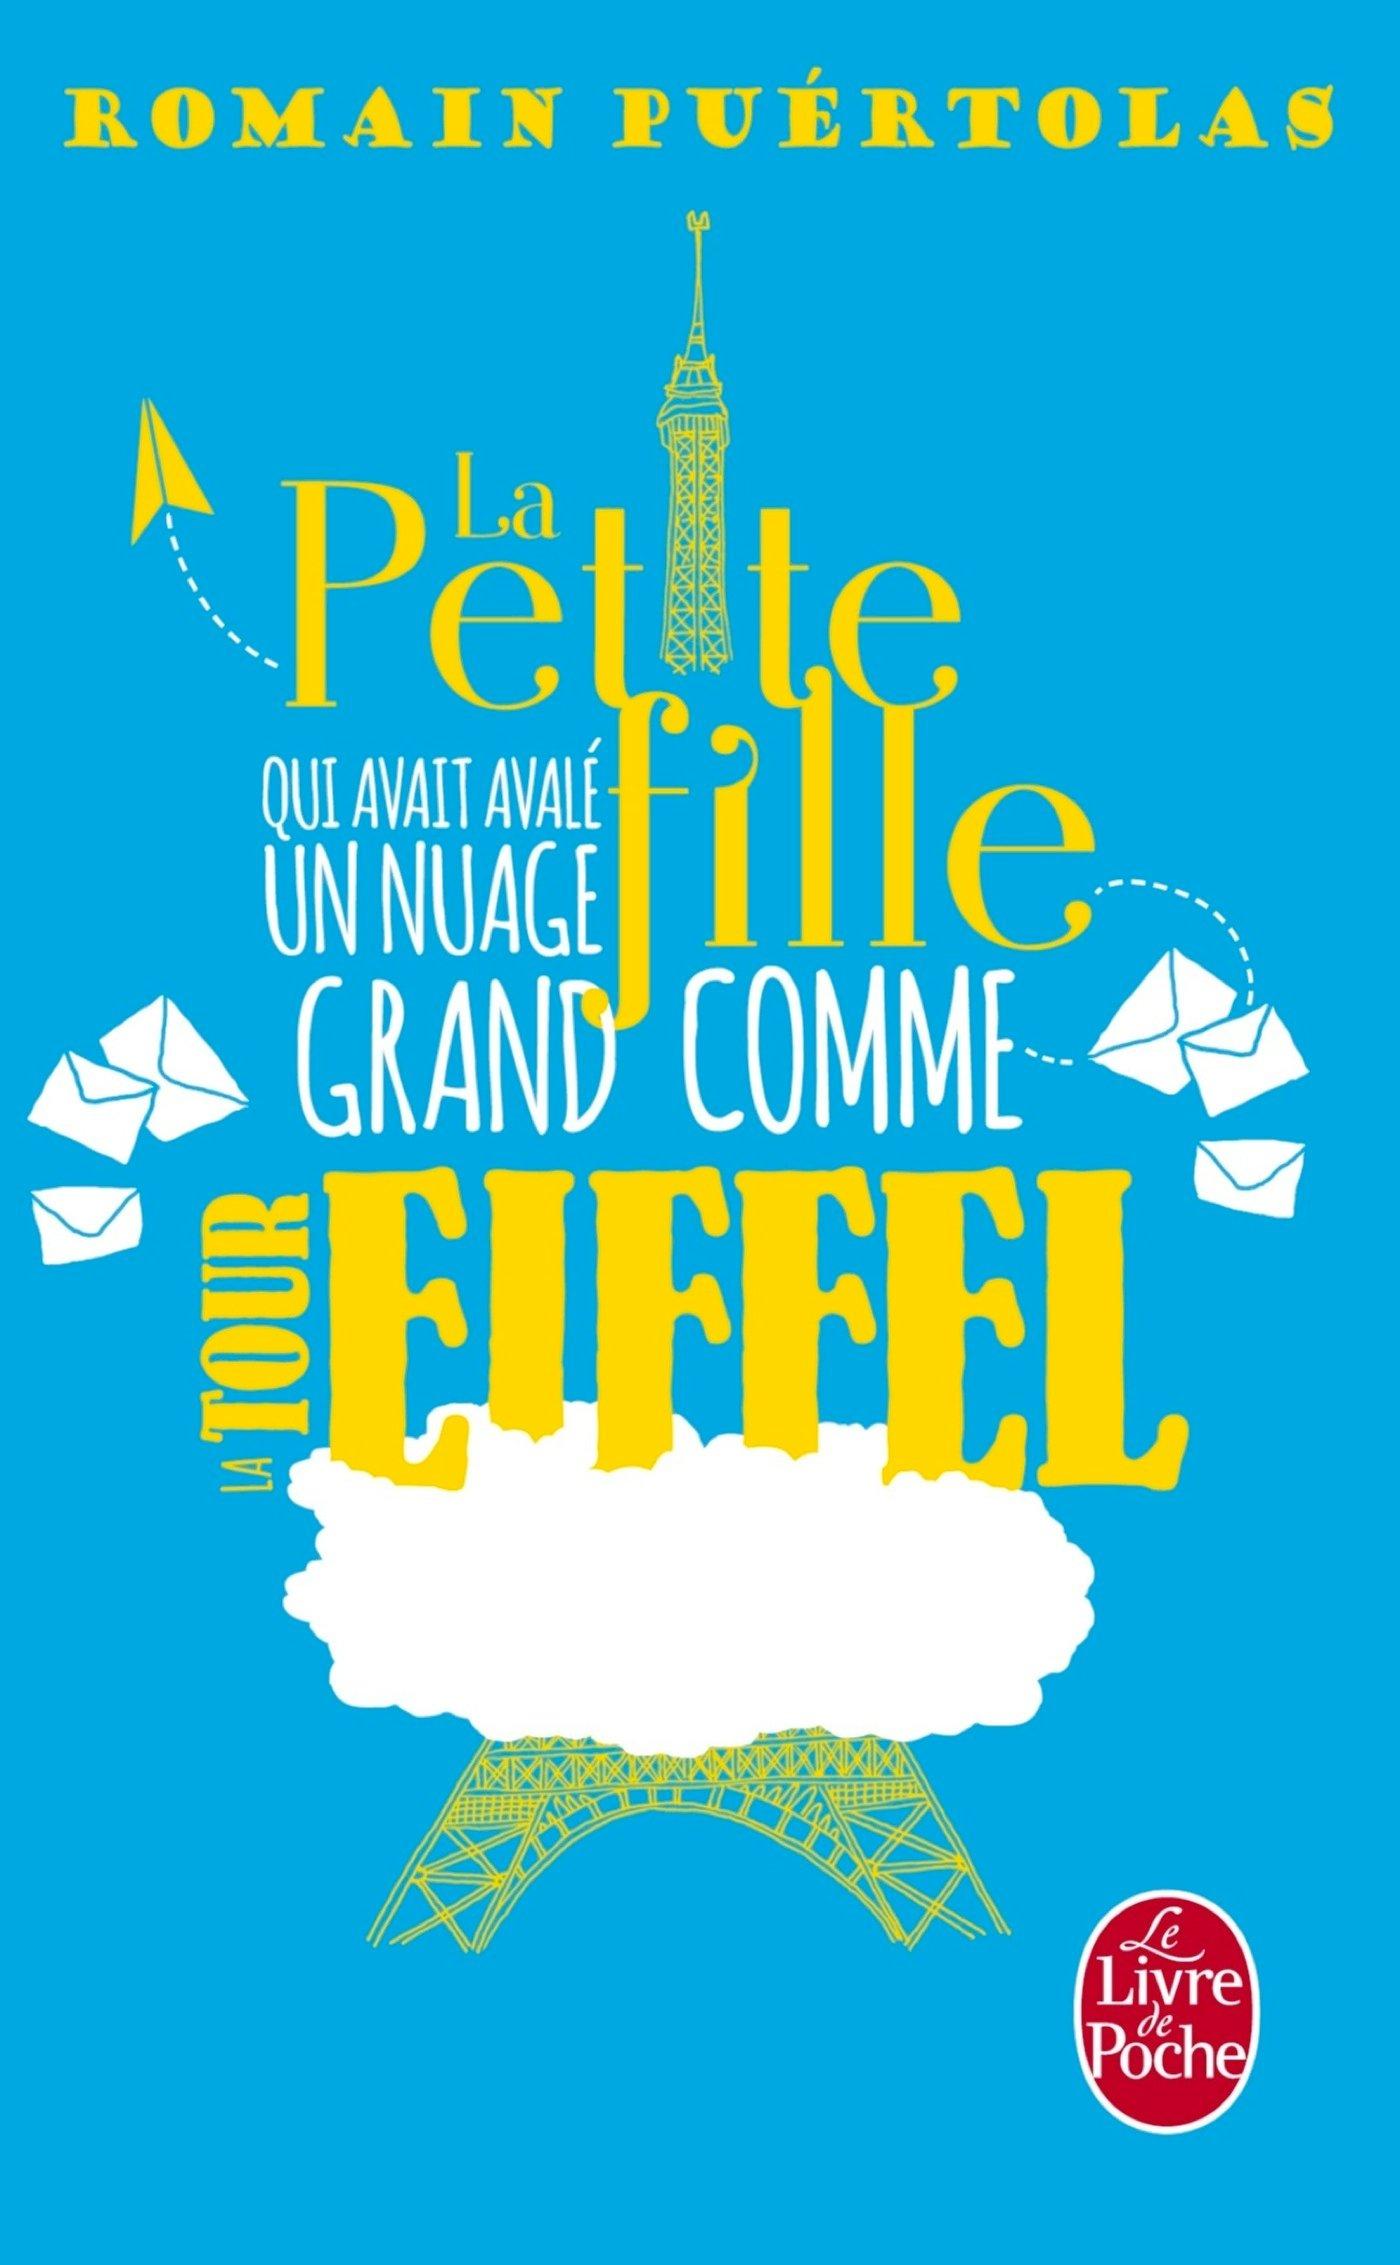 La petite fille qui avait avalé un nuage grand comme la tour Eiffel: Roman